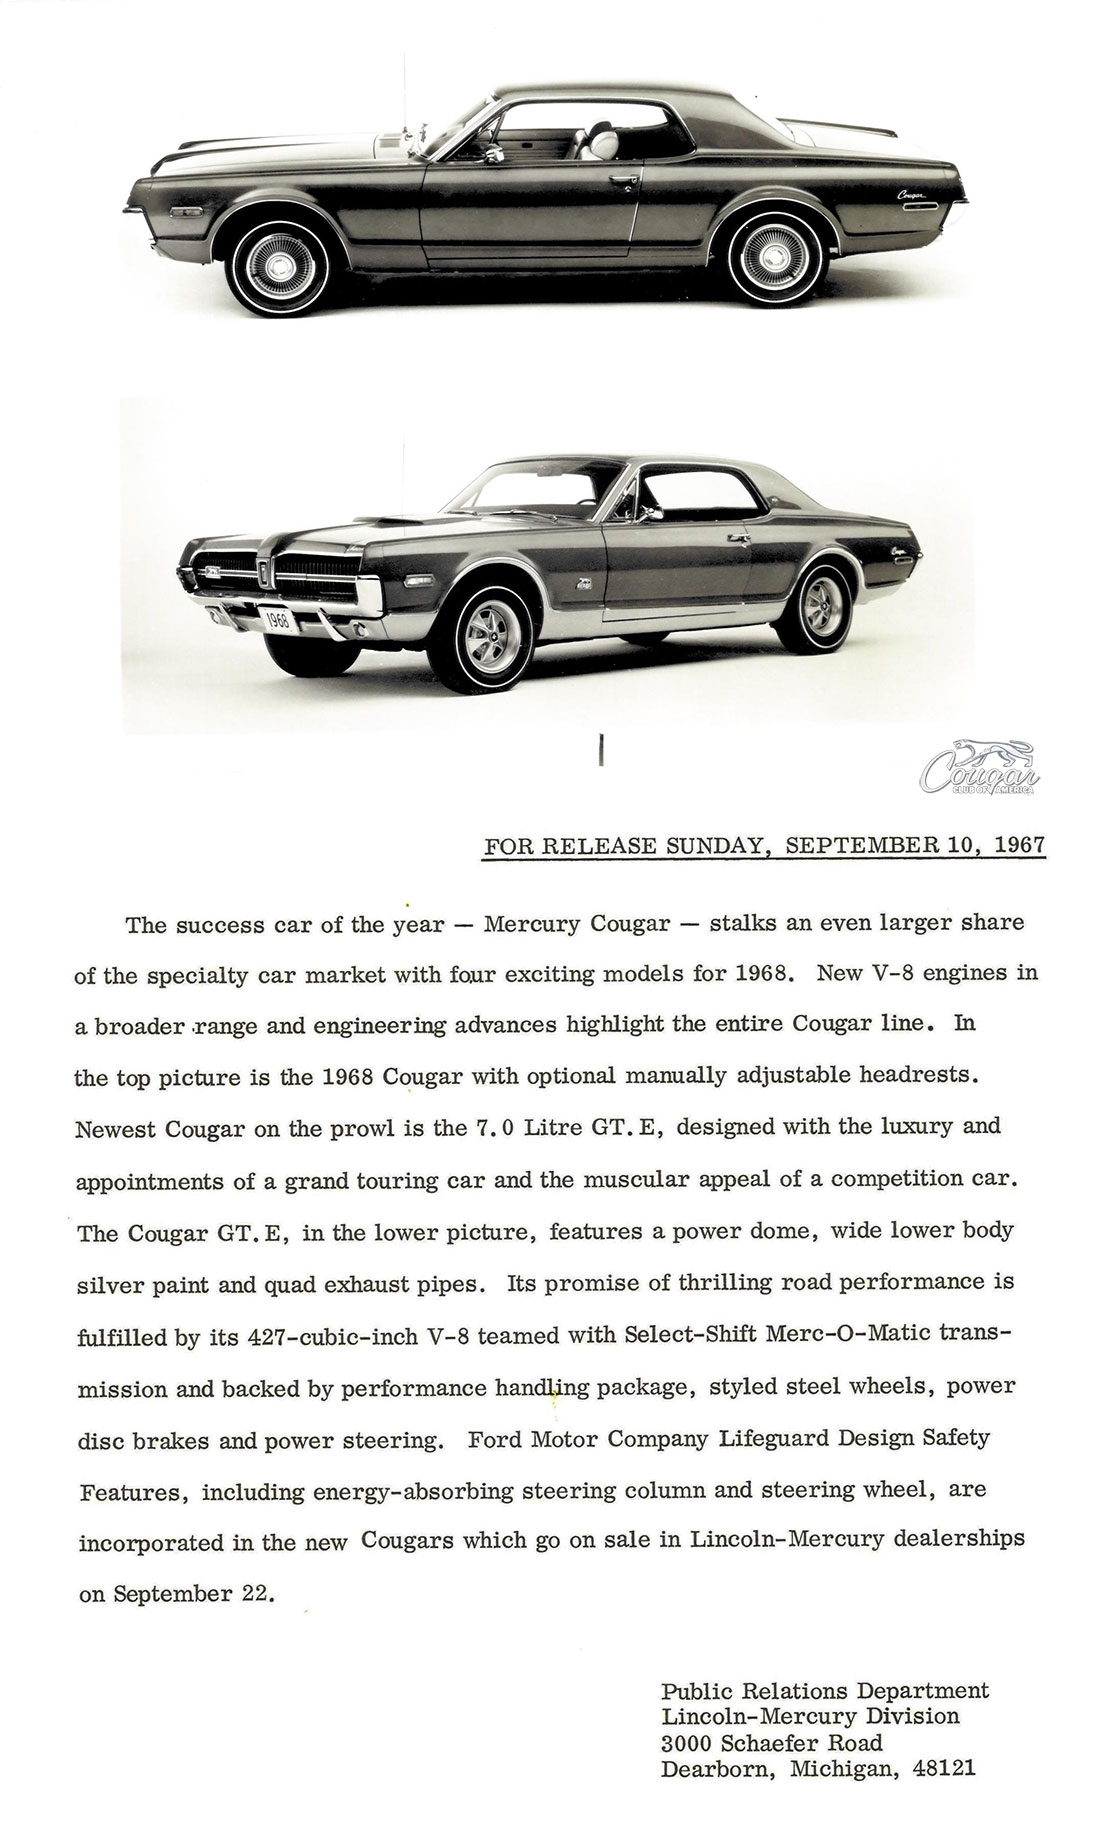 1968 Mercury Cougar GT-E Press Release